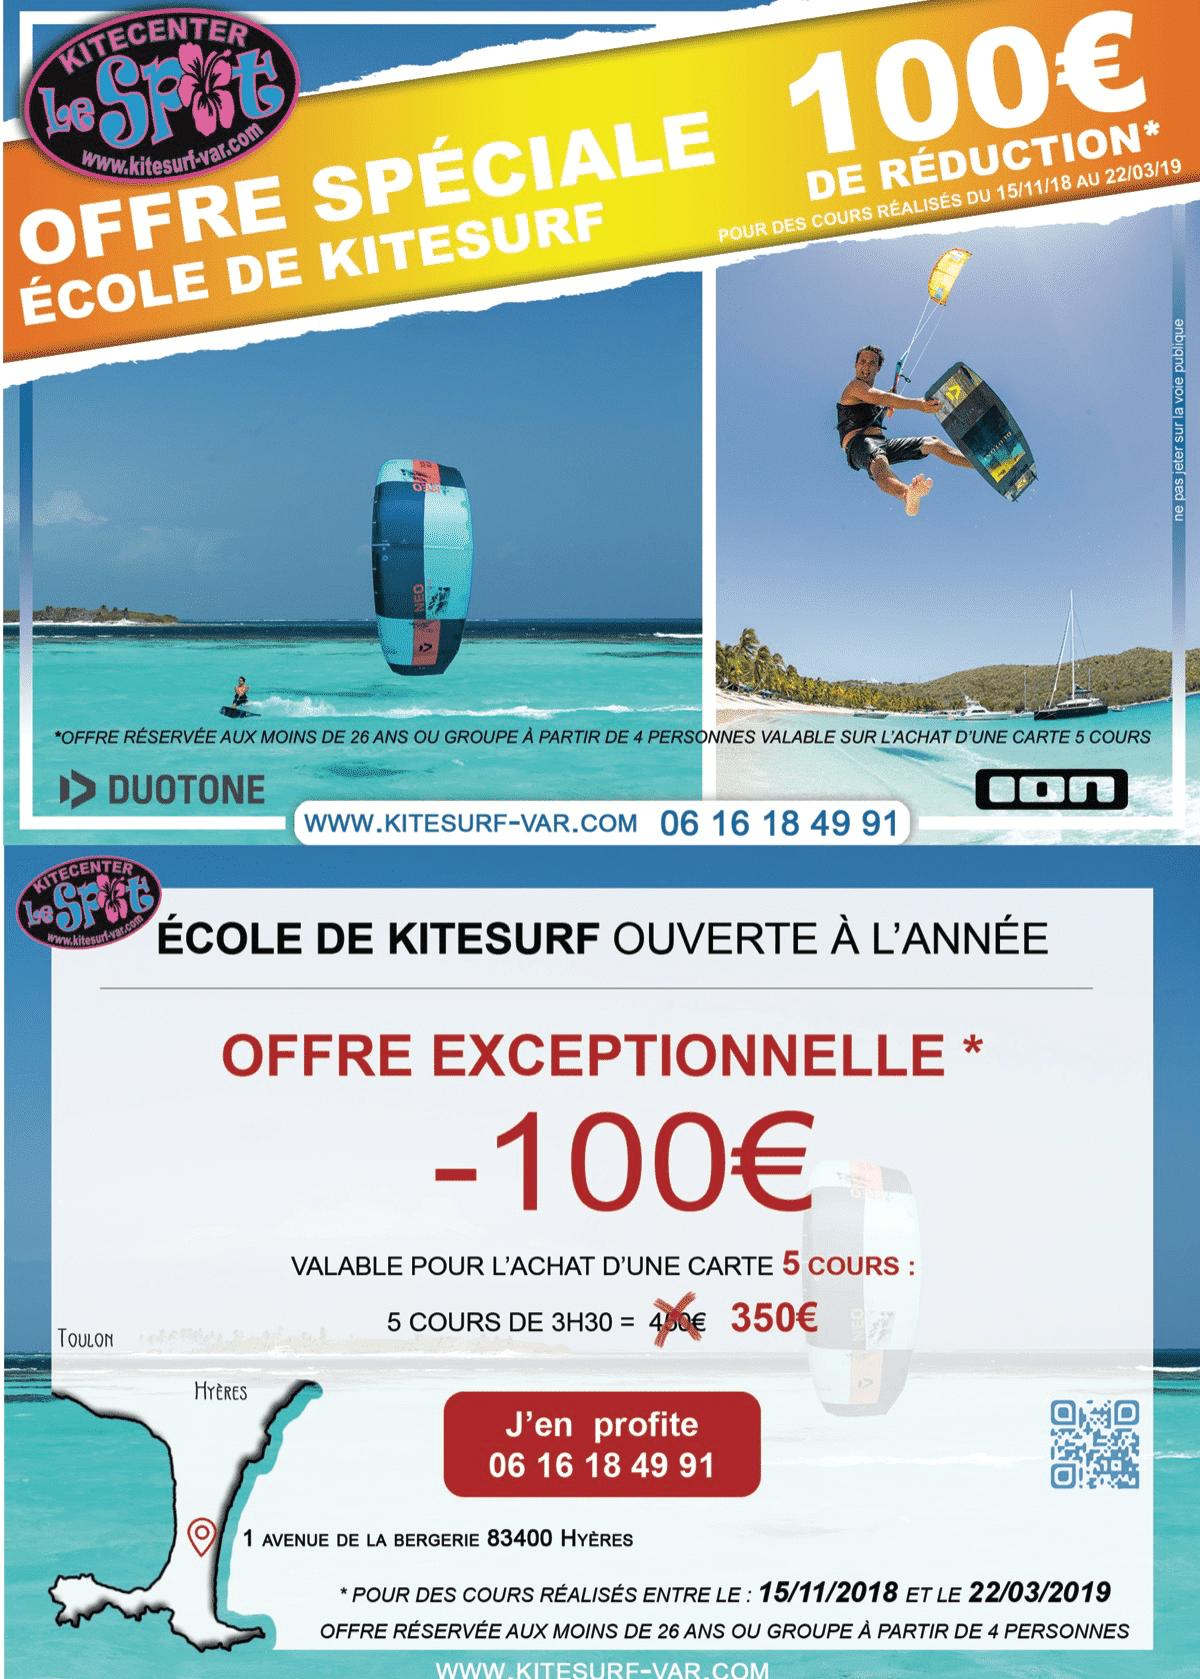 Offre-speciale-le-spot-kitecenter-carte-5-Cours-15Novembreau22Mars2018-min